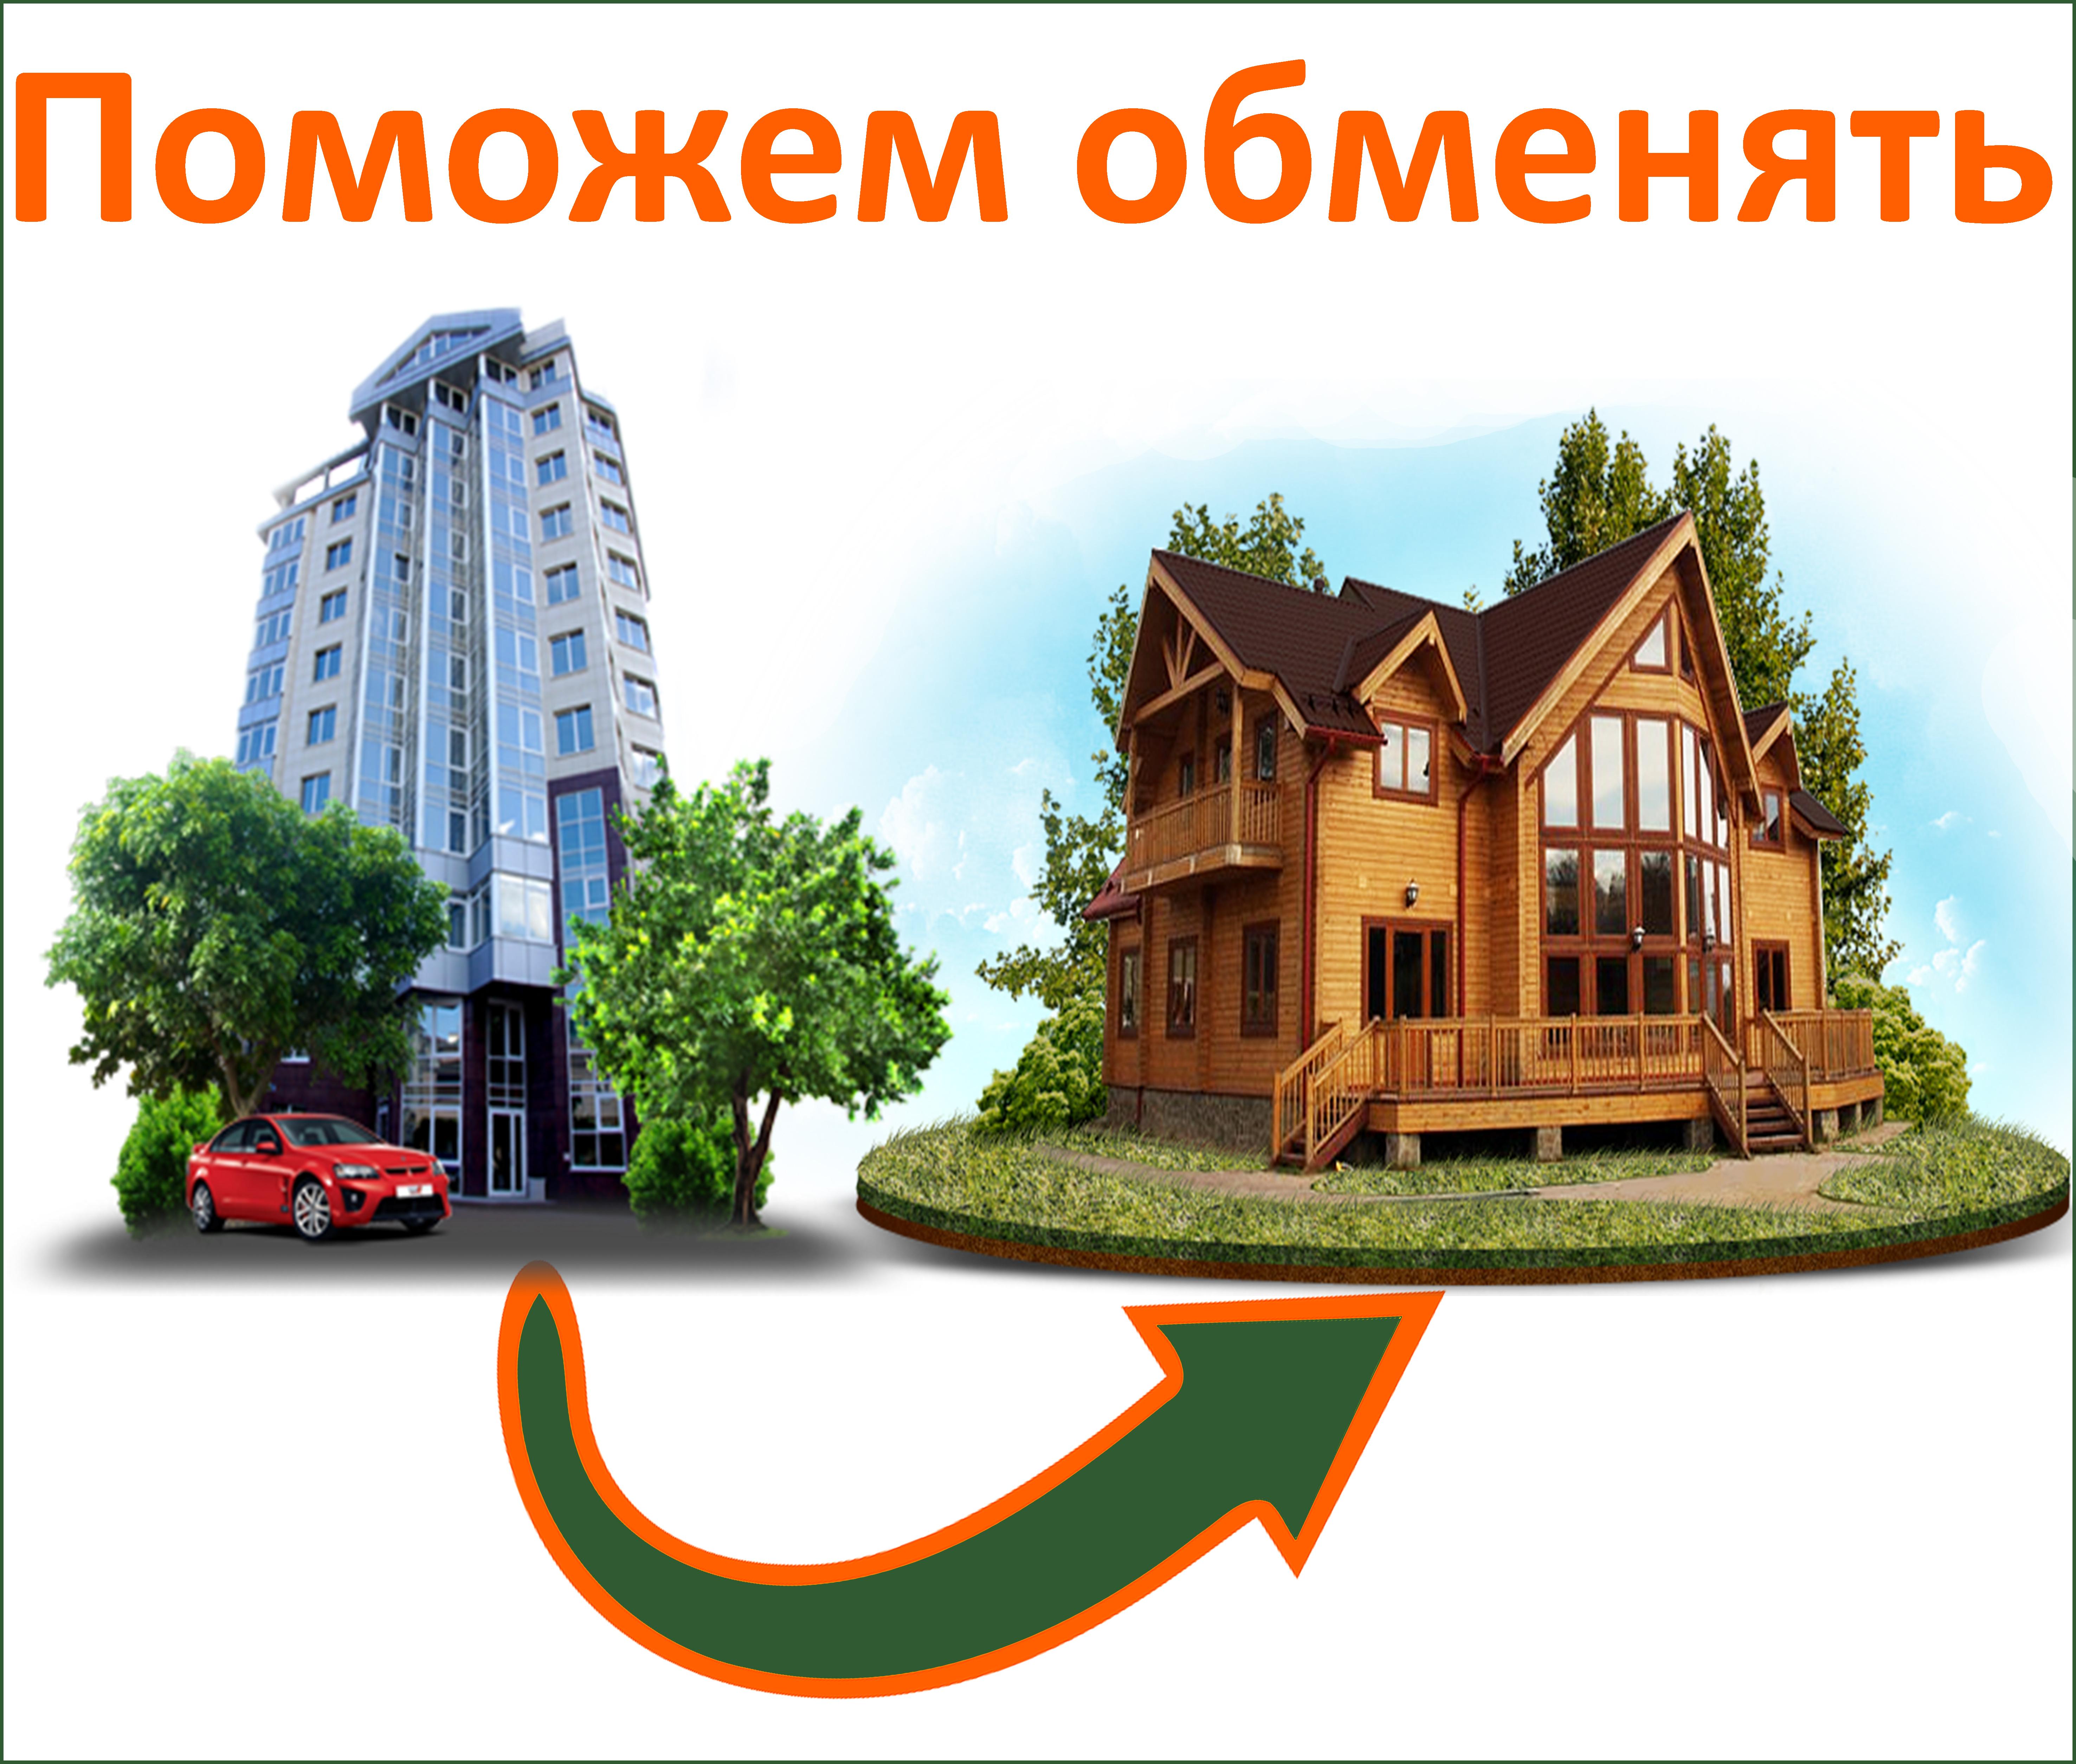 Инструкция: как выбрать загородный дом или дачу и купить его в ипотеку